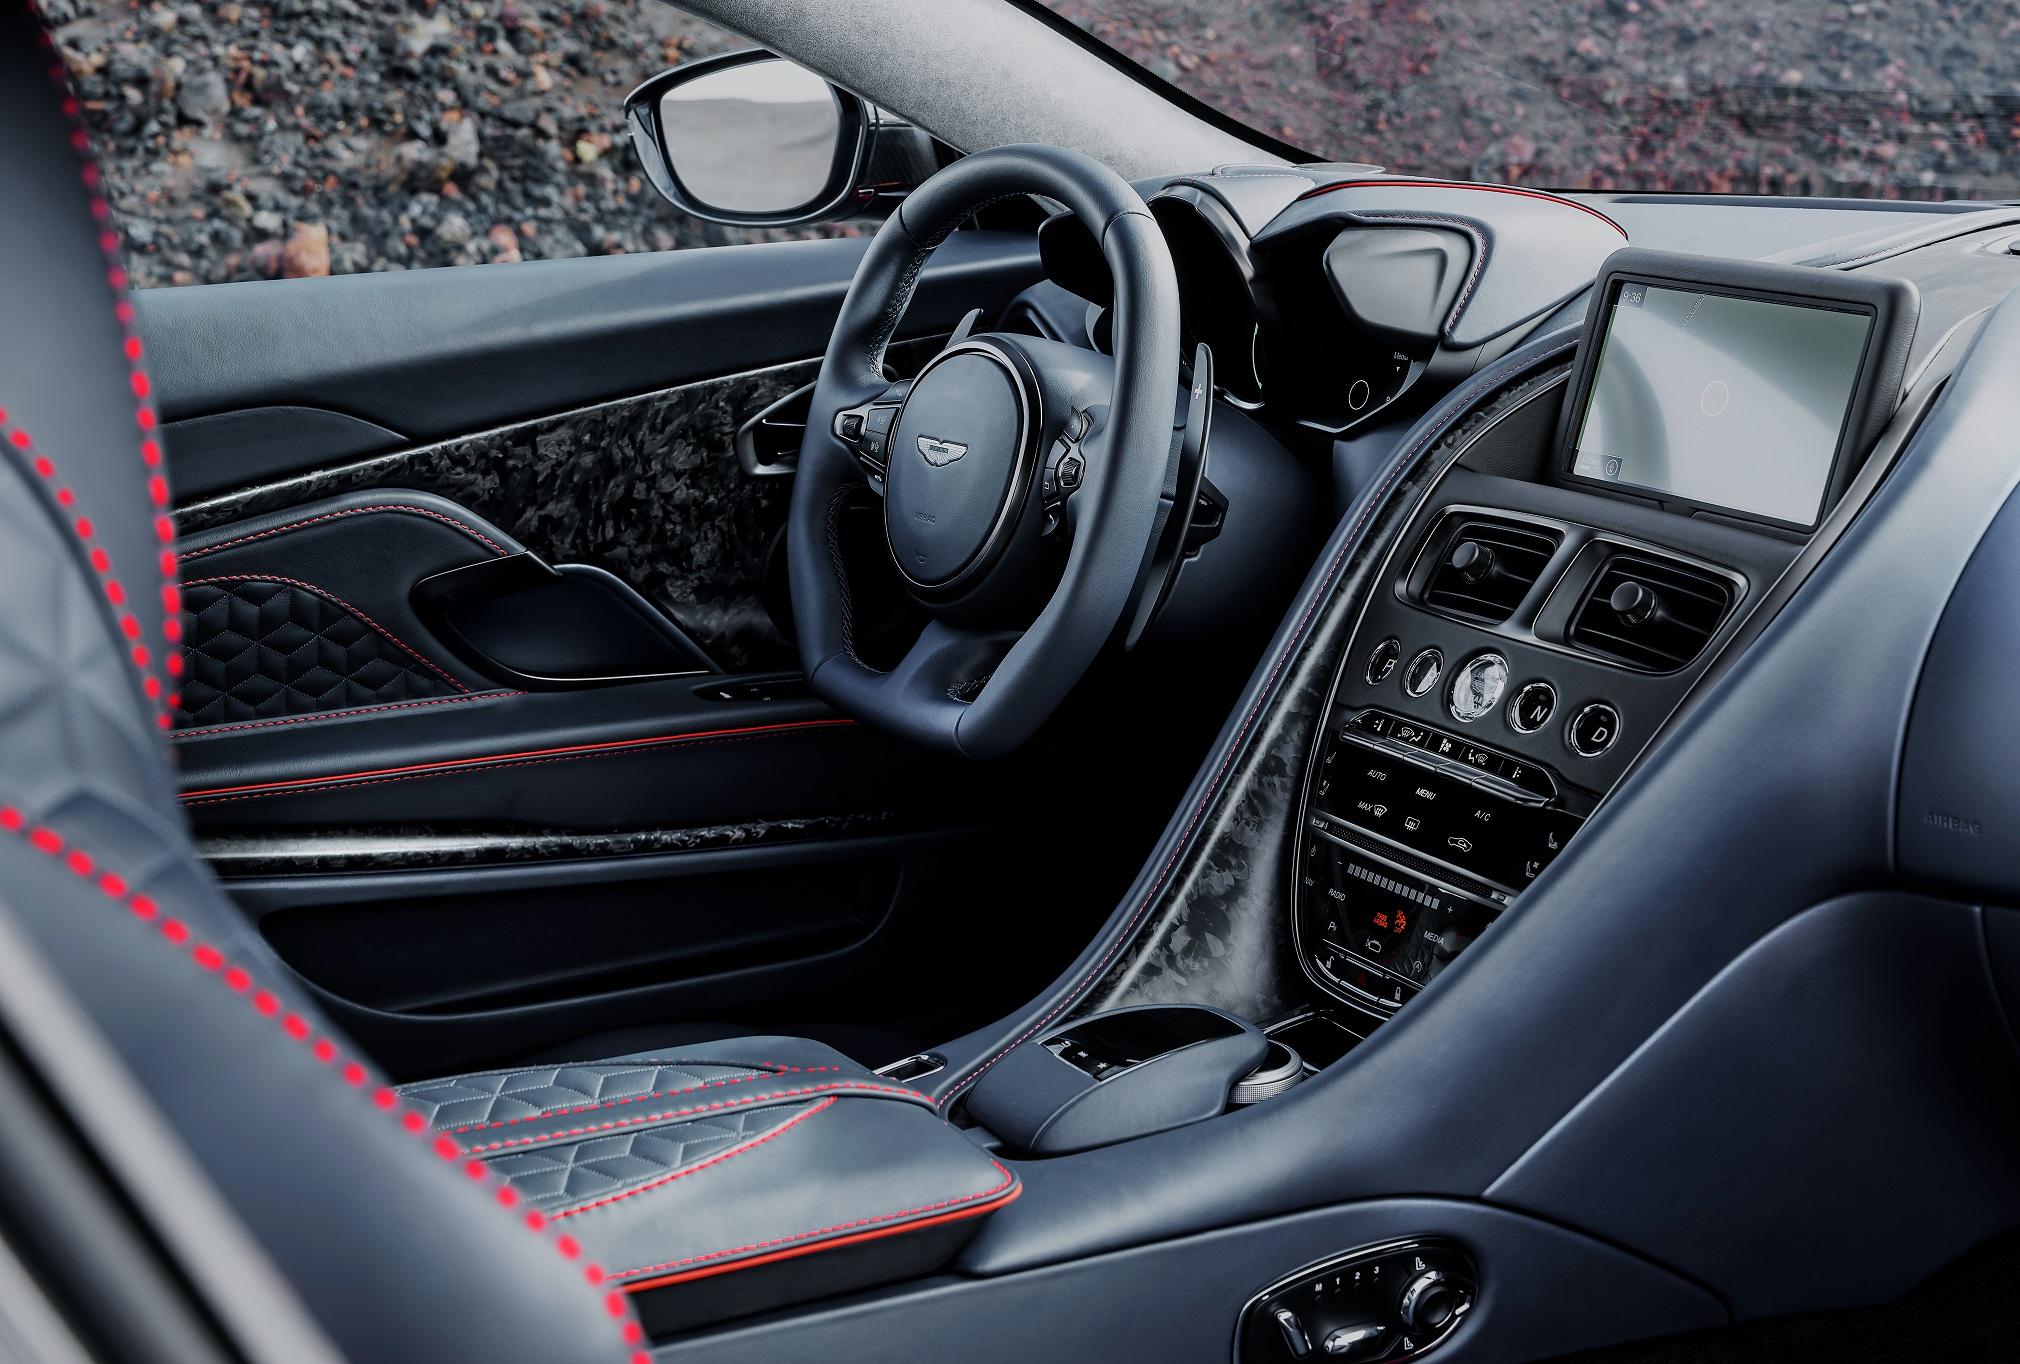 В Украине появился самый мощный суперкар Aston Martin за 9 миллионов